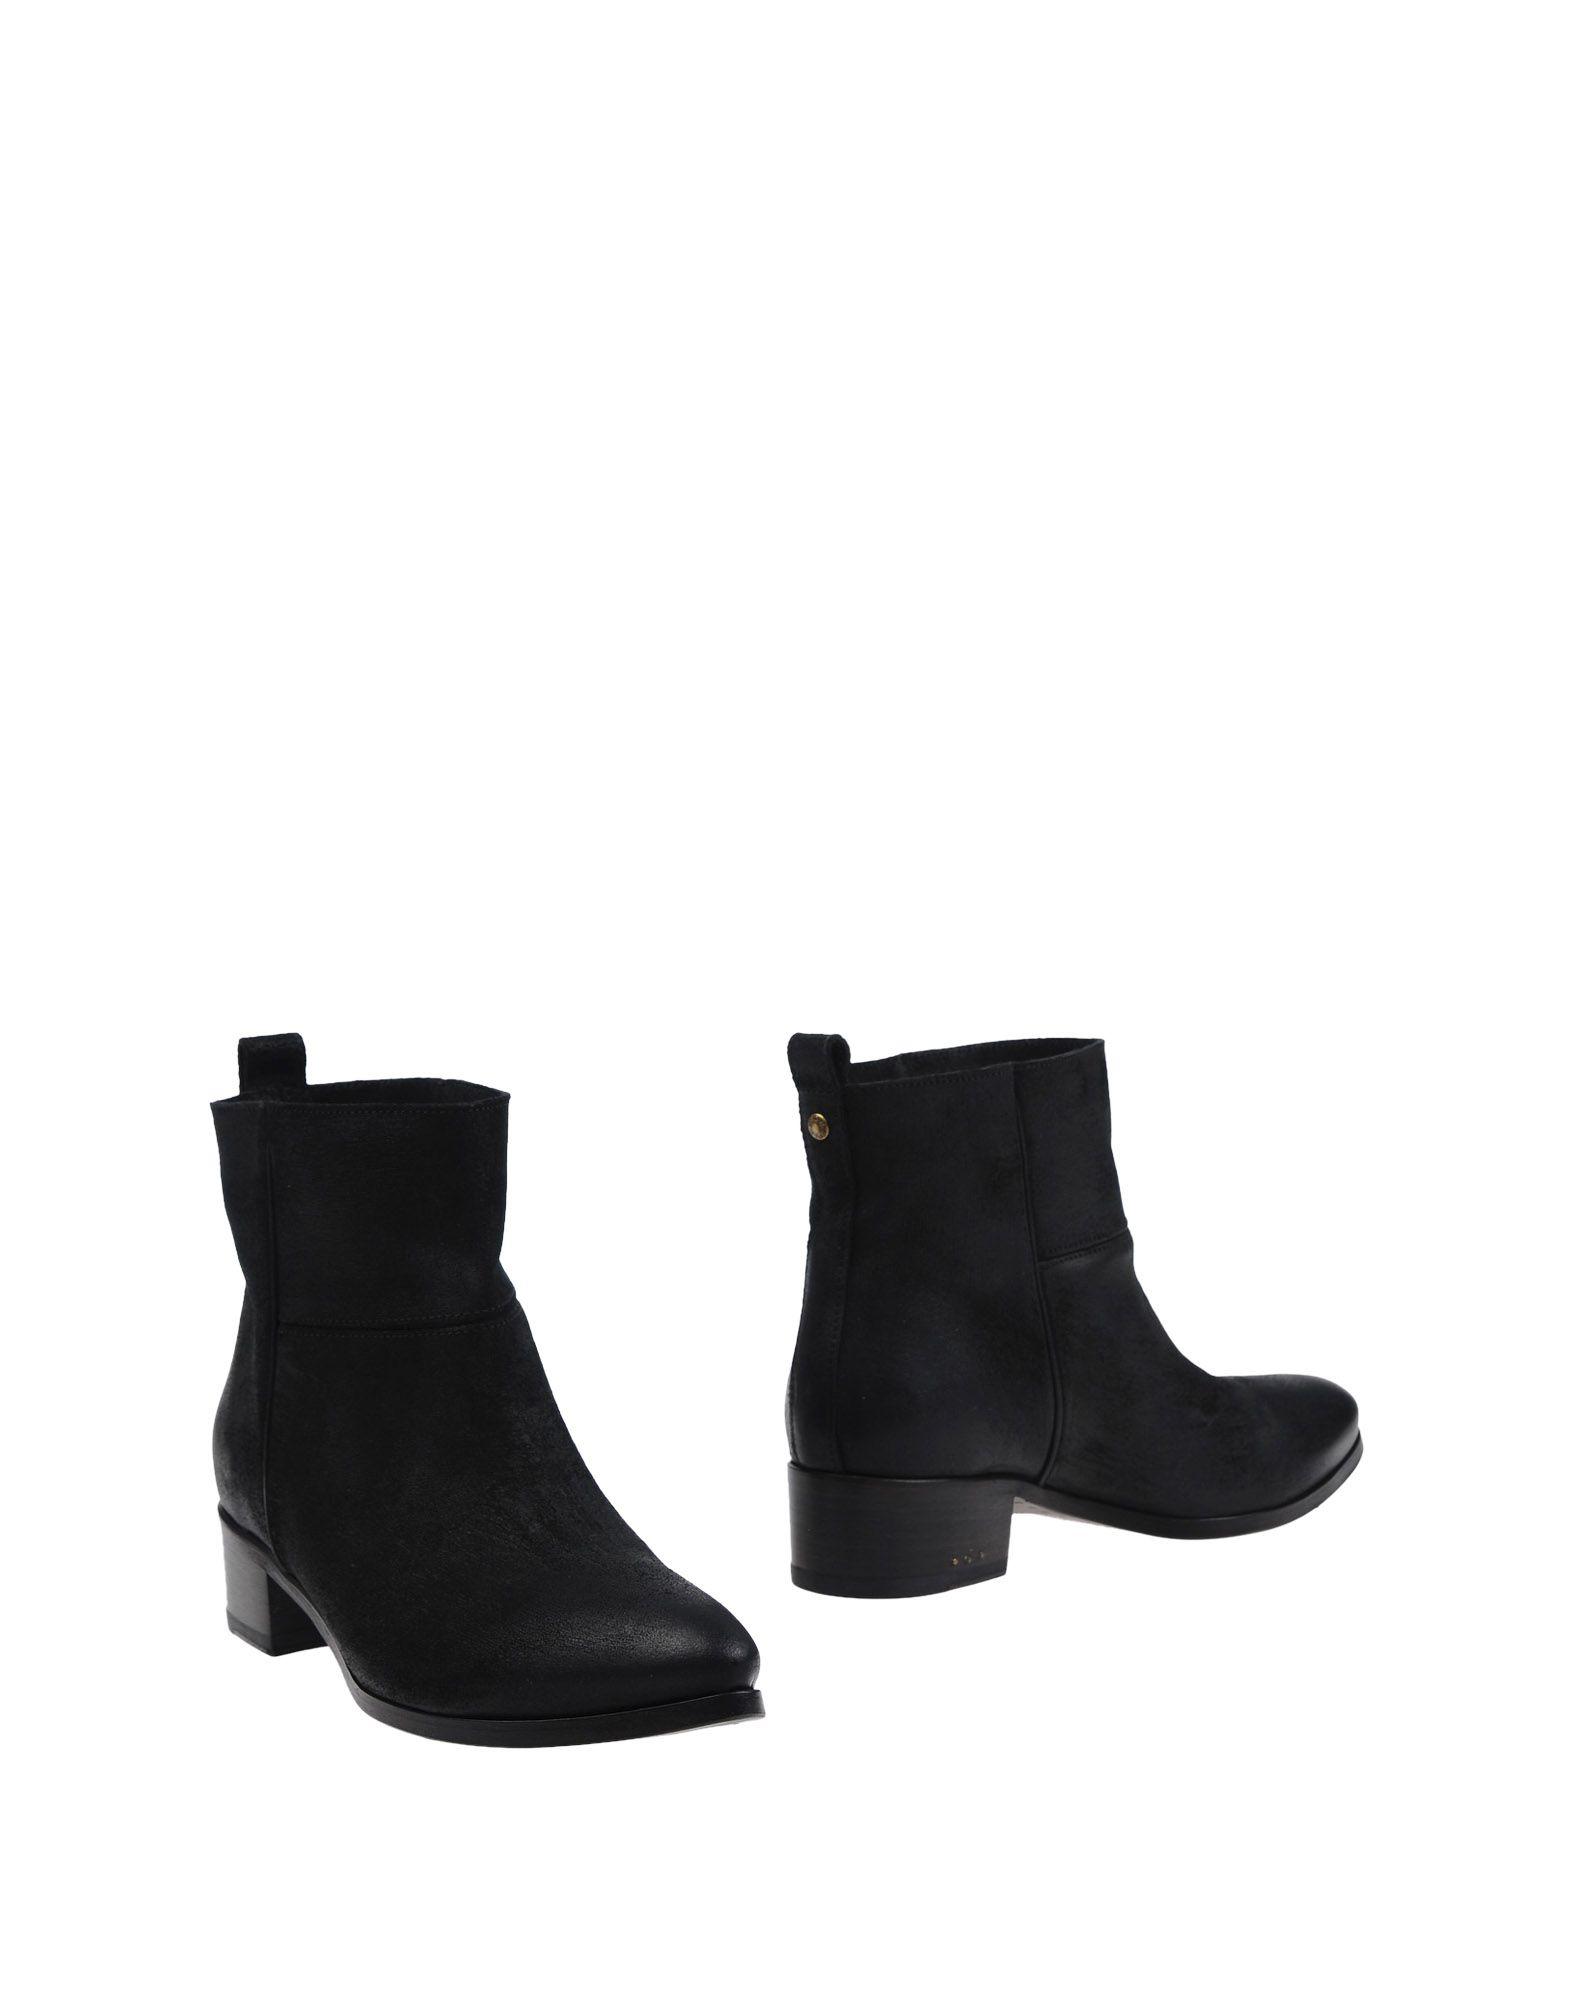 Buttero® Stiefelette Damen  11259496IWGut aussehende strapazierfähige Schuhe